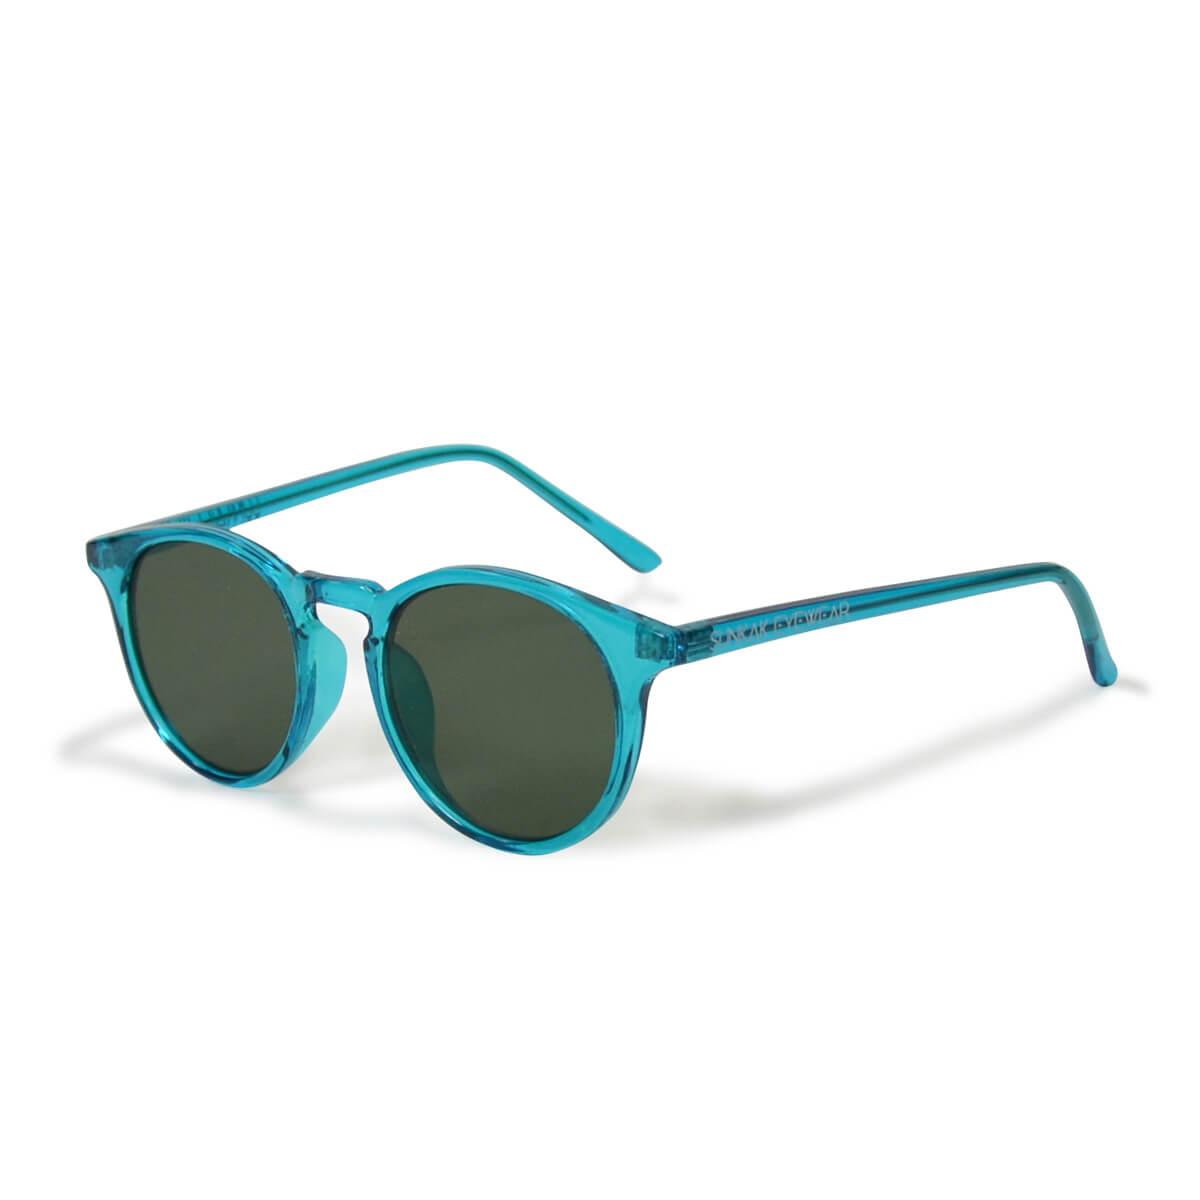 SUNKAK サンカク TYPE9 COLORS サングラス BLUE ブルー 【30%オフ】